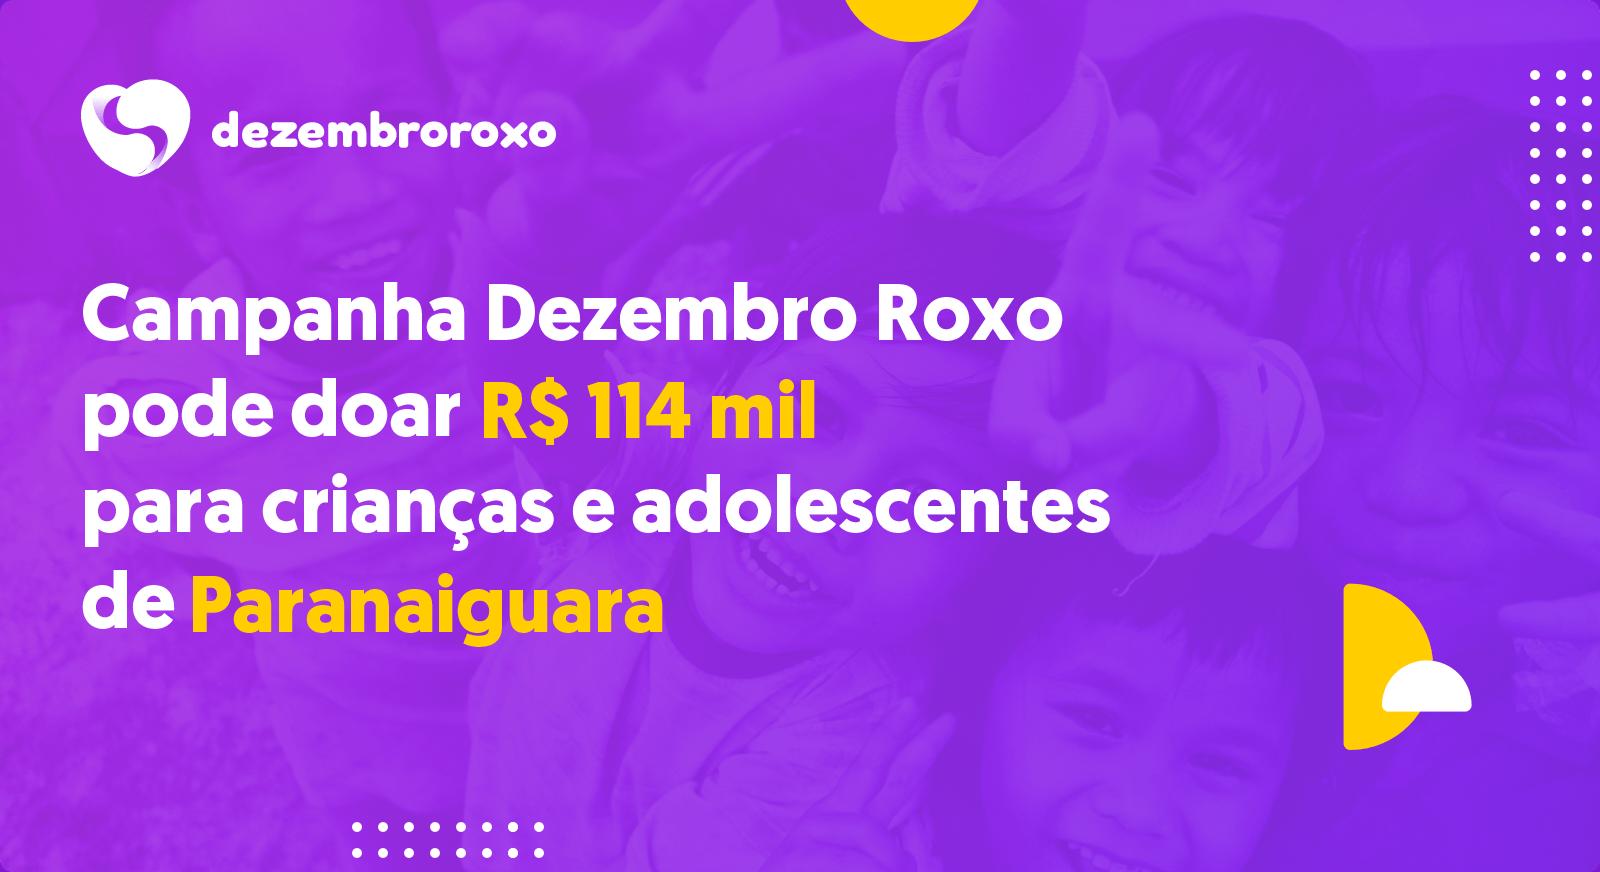 Doações em Paranaiguara - GO